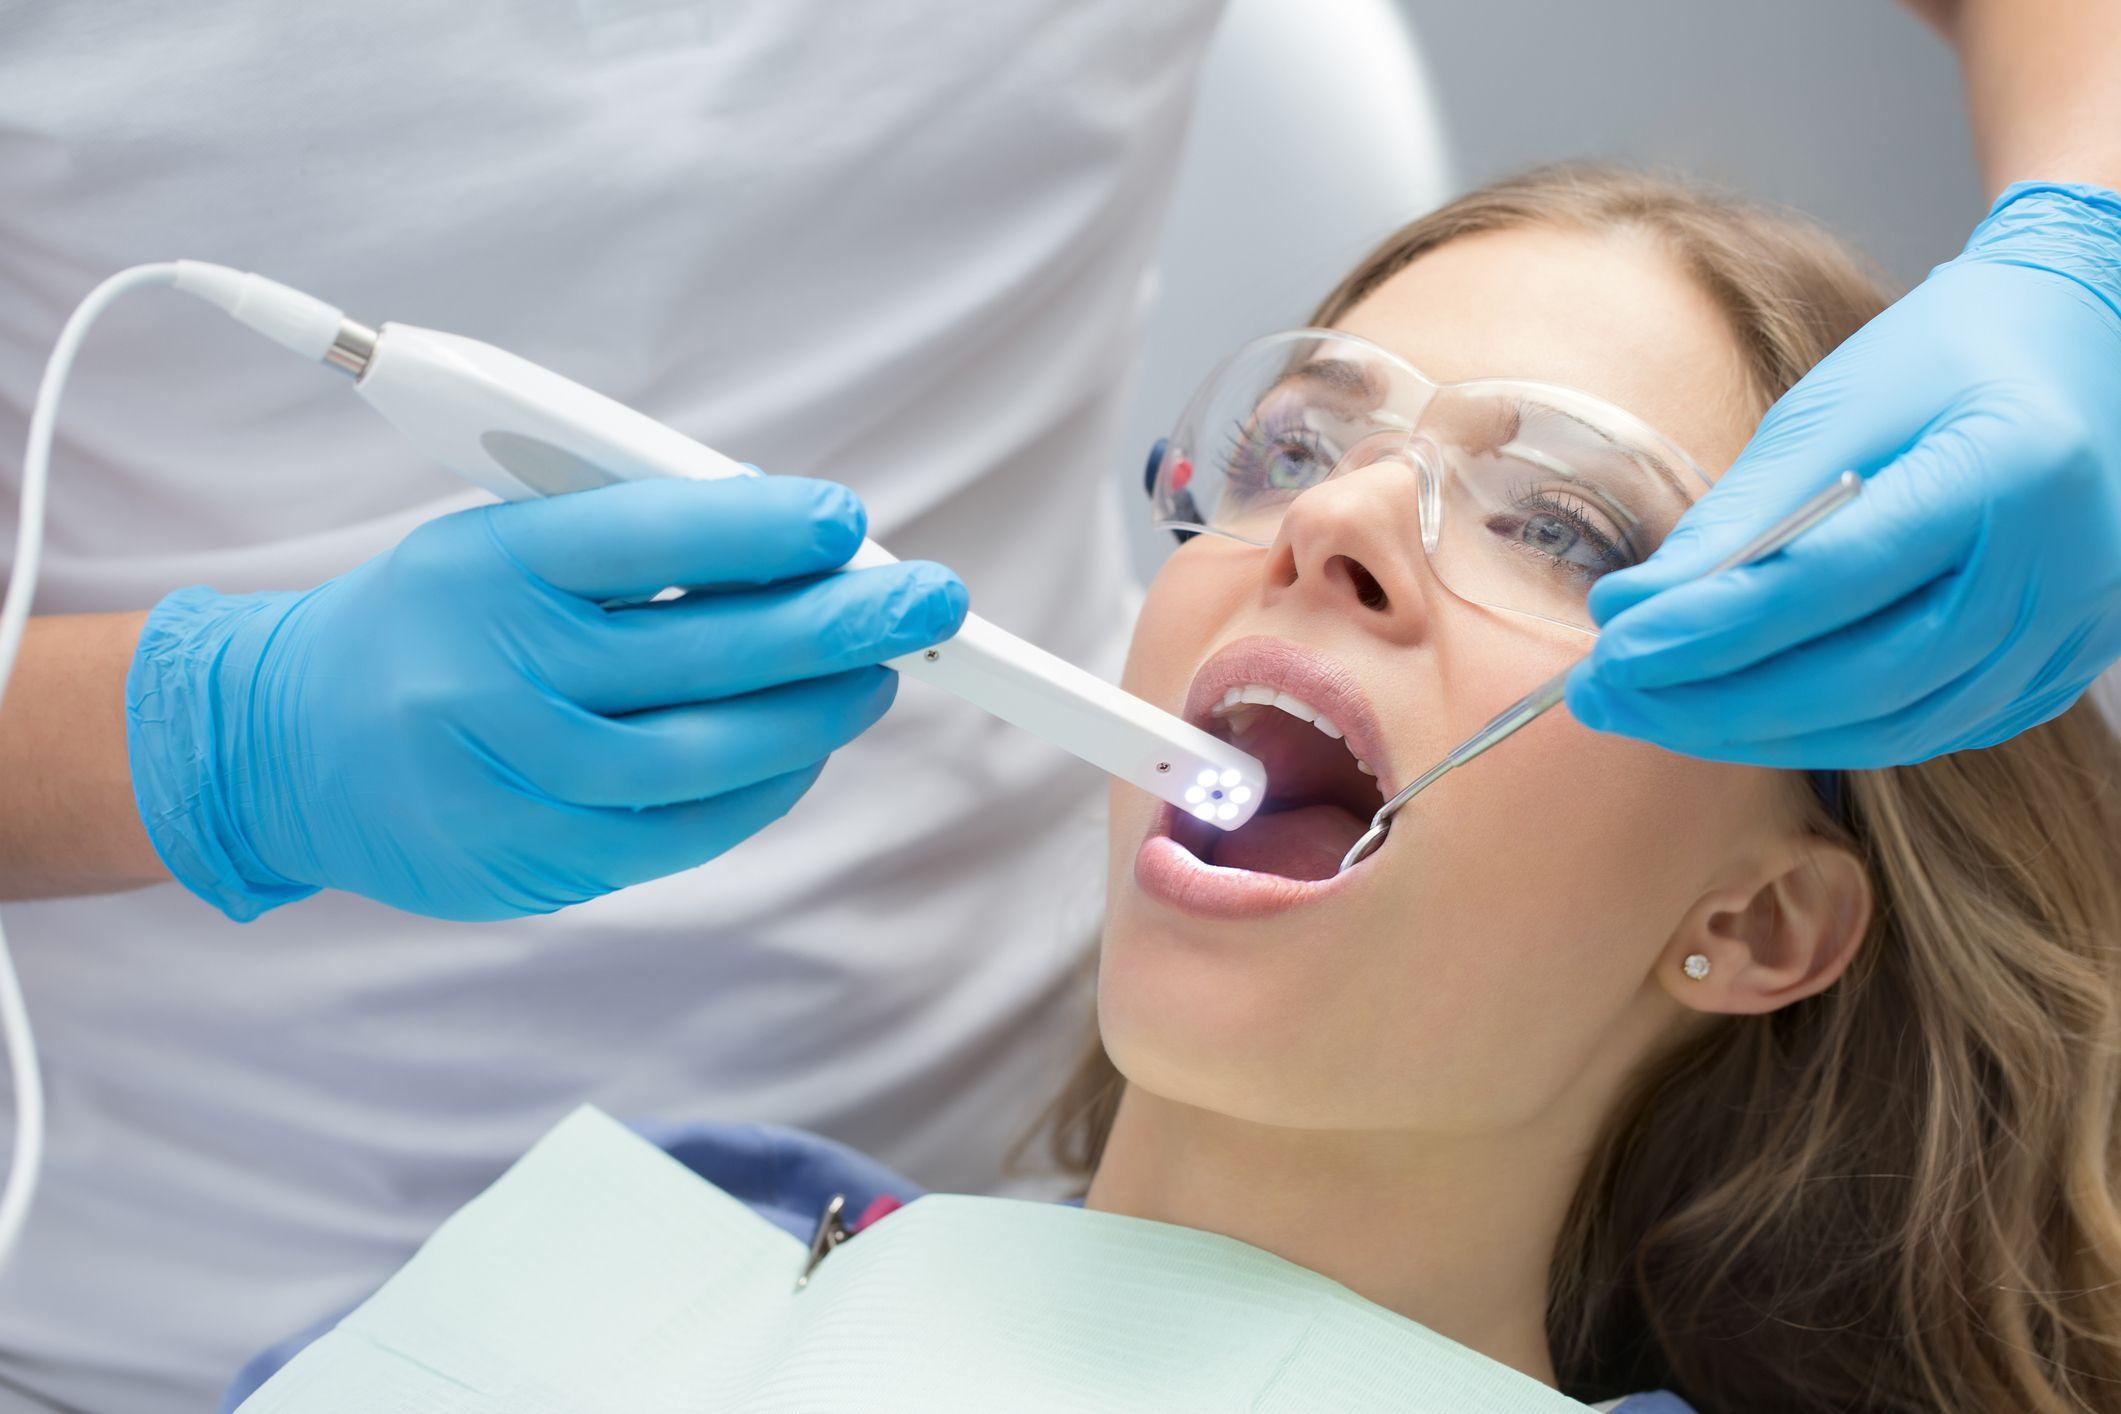 A woman undergoing dental bonding